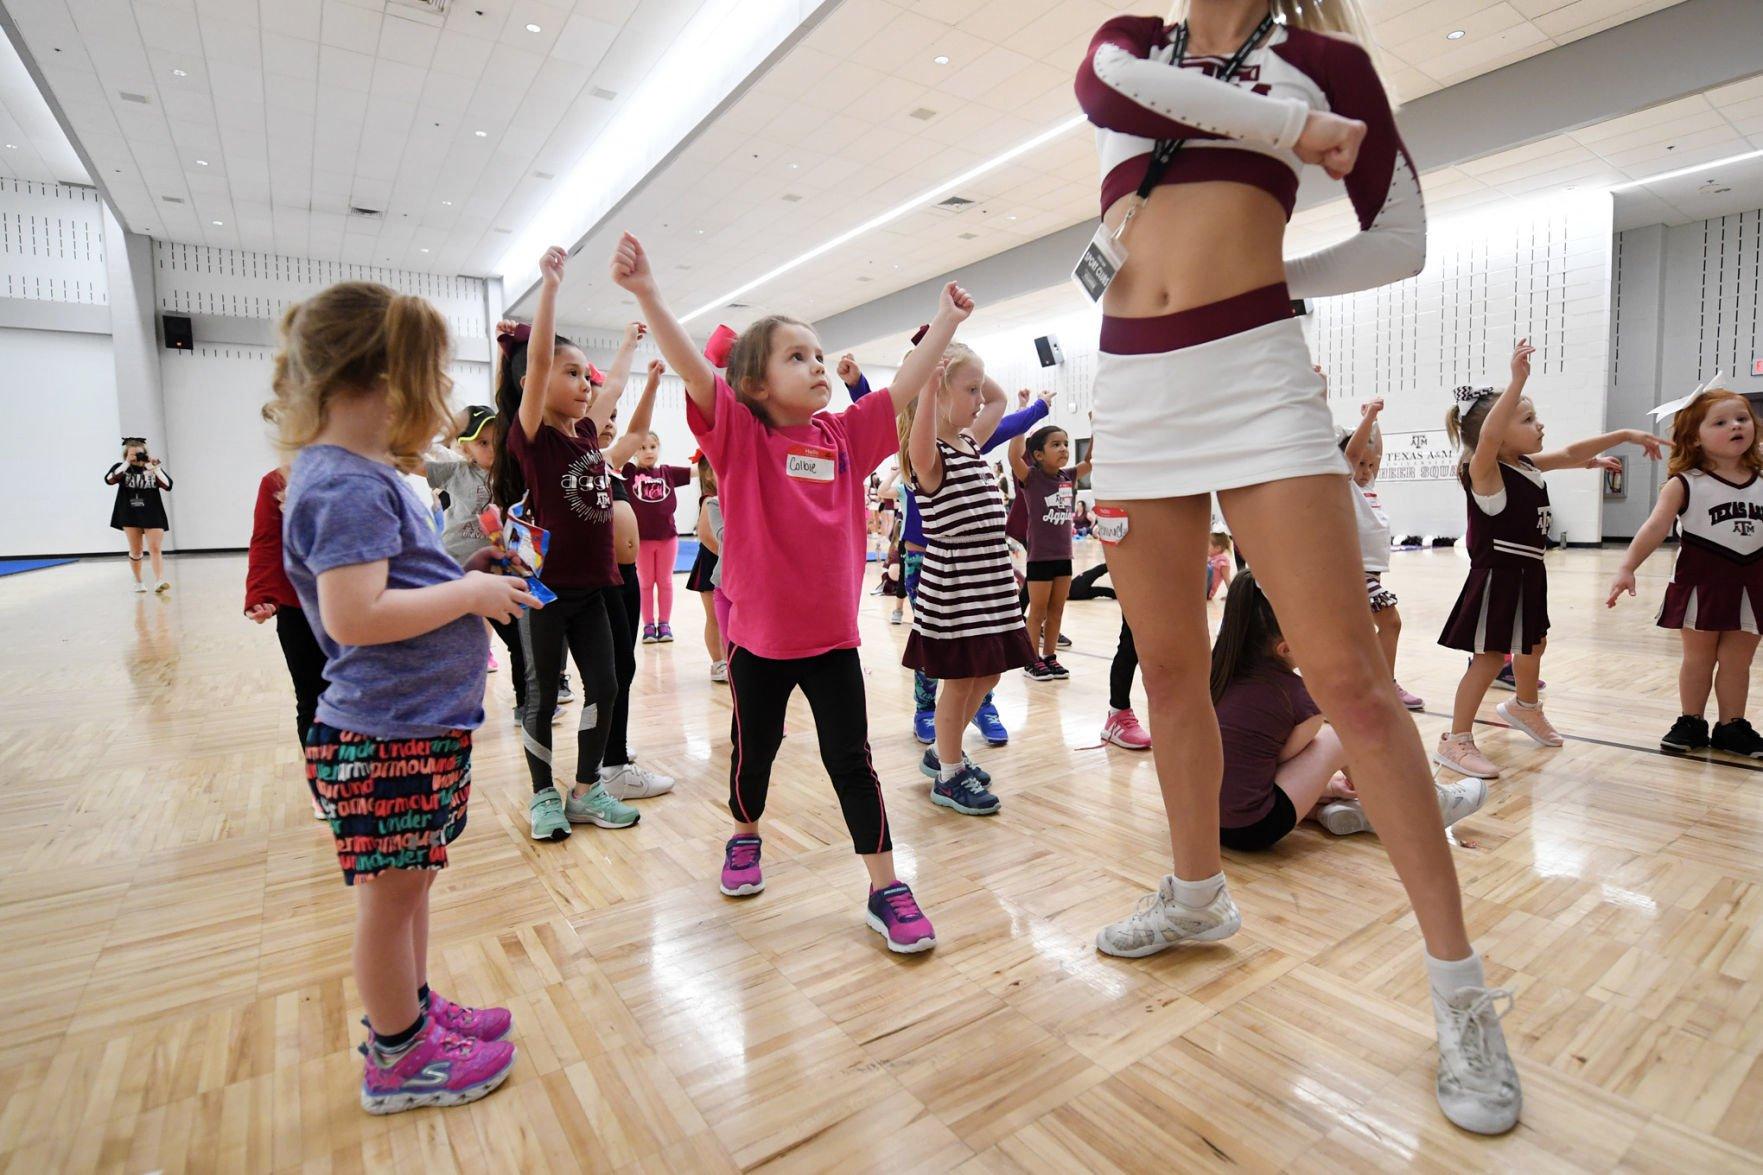 Makenzie Girl Cheer Practice Shorts Youth Running Shorts